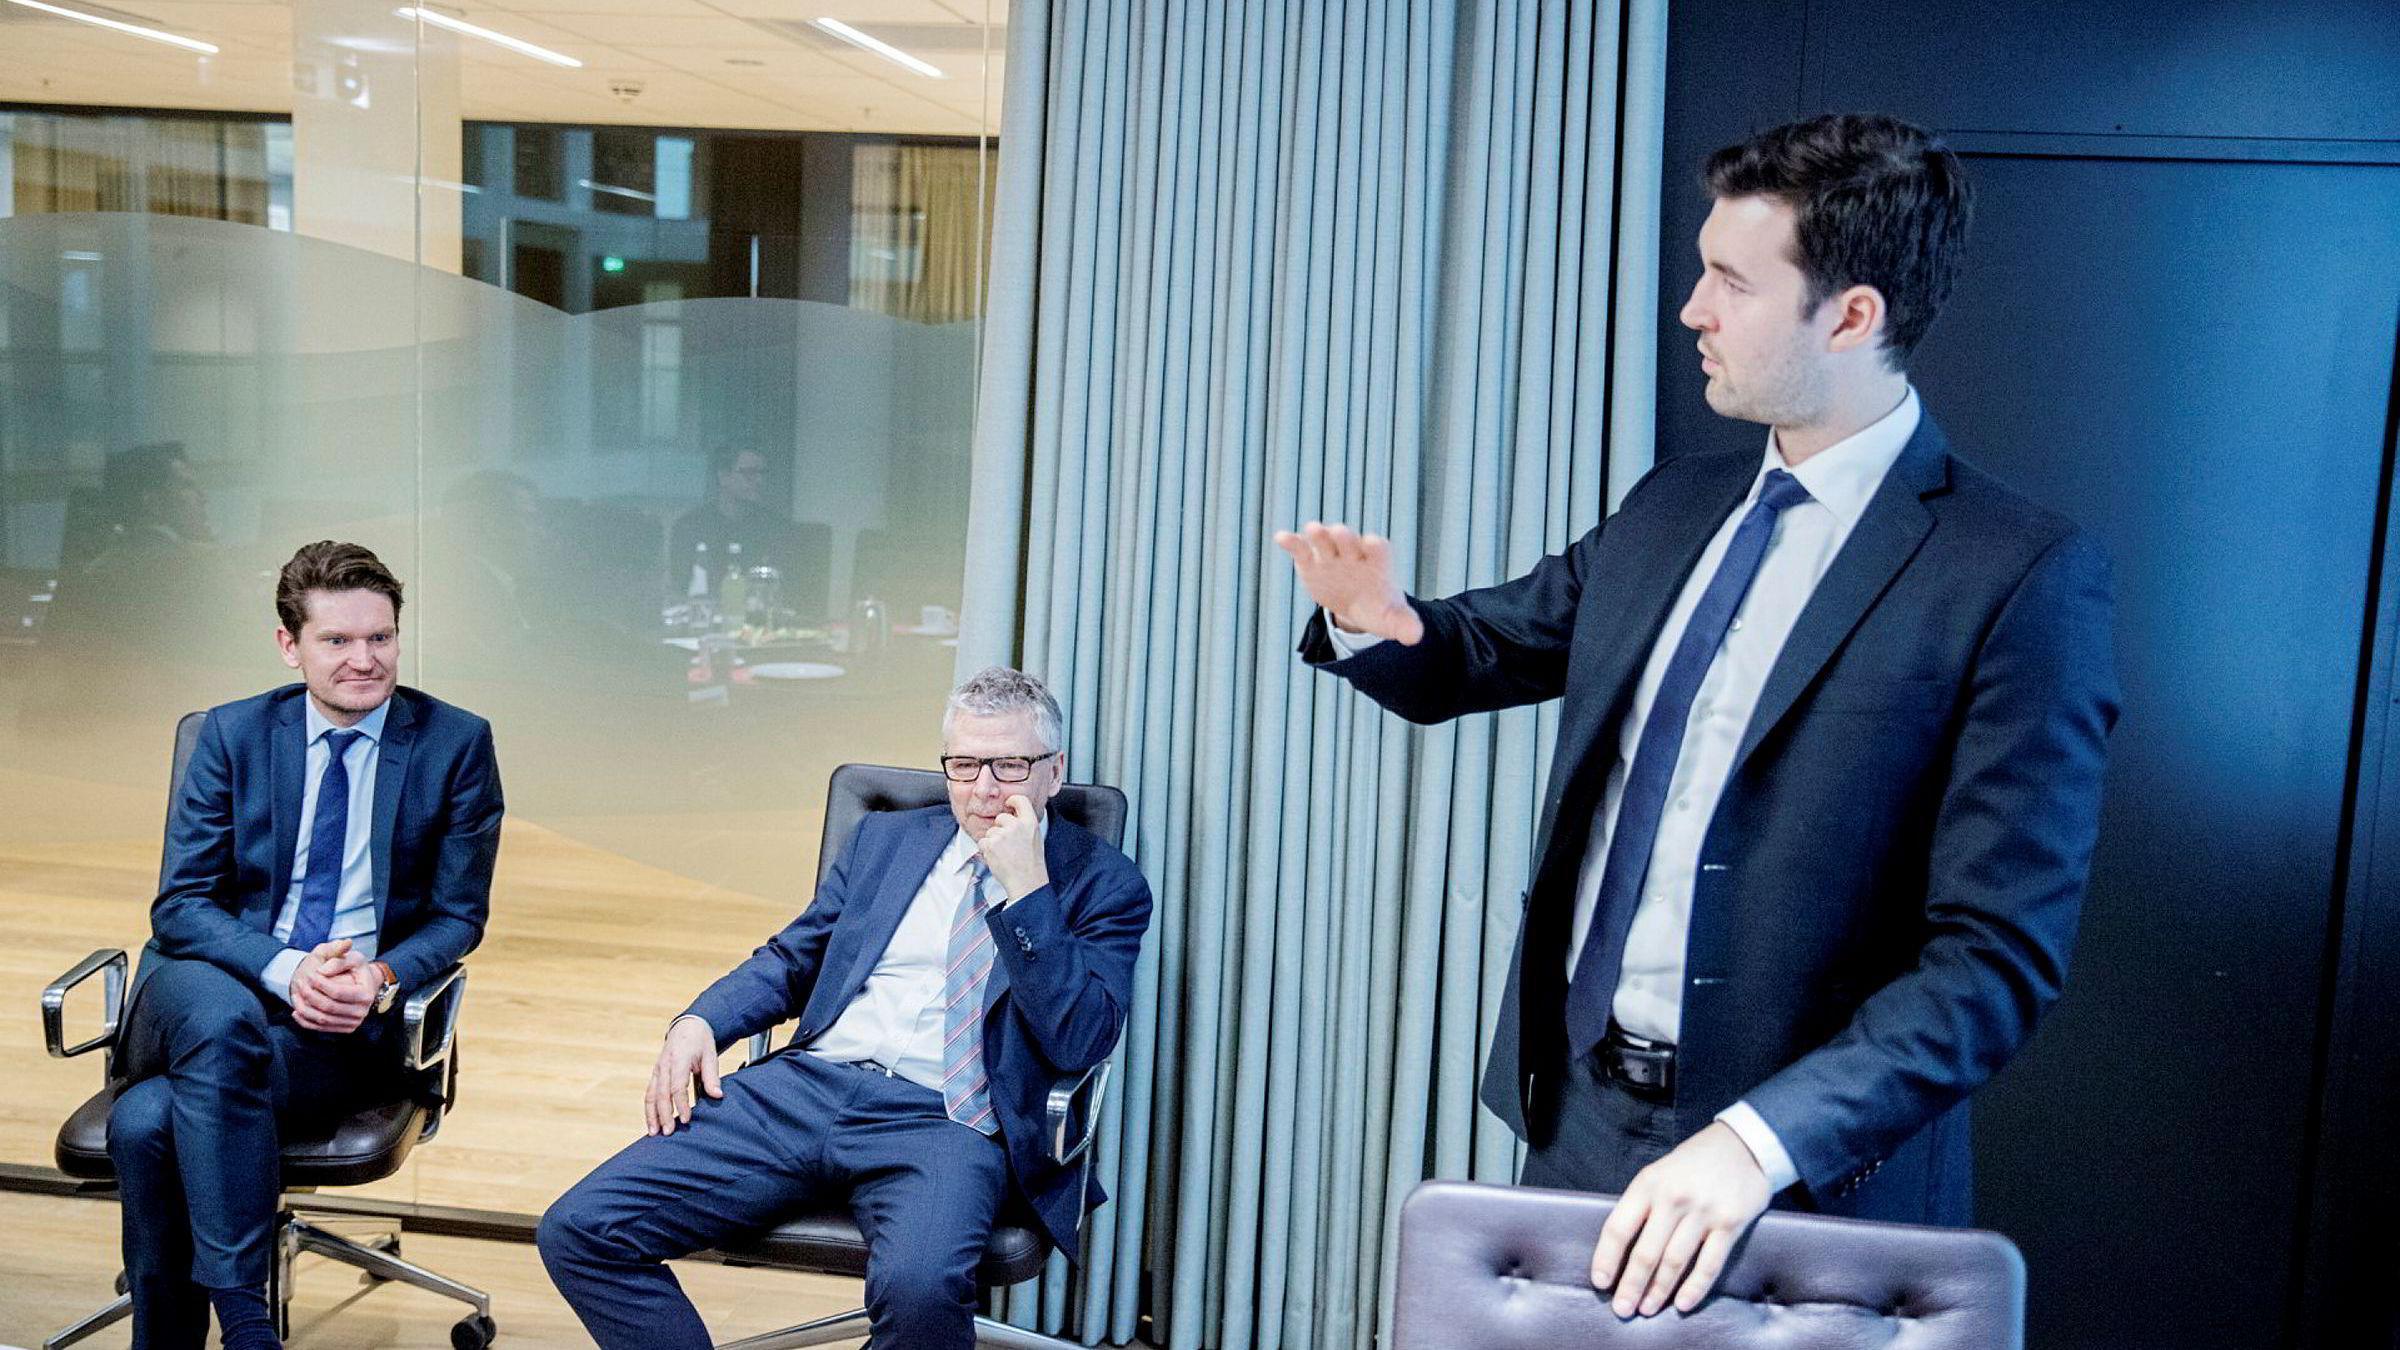 Fra venstre: Sjeføkonom Kjetil Olsen, sjefanalytiker og analytiker Joachim Bernhardsen i Nordea Markets. Nordea Markets tror boligprisene i Oslo skal ned fem til ti prosent fra dagens nivå.